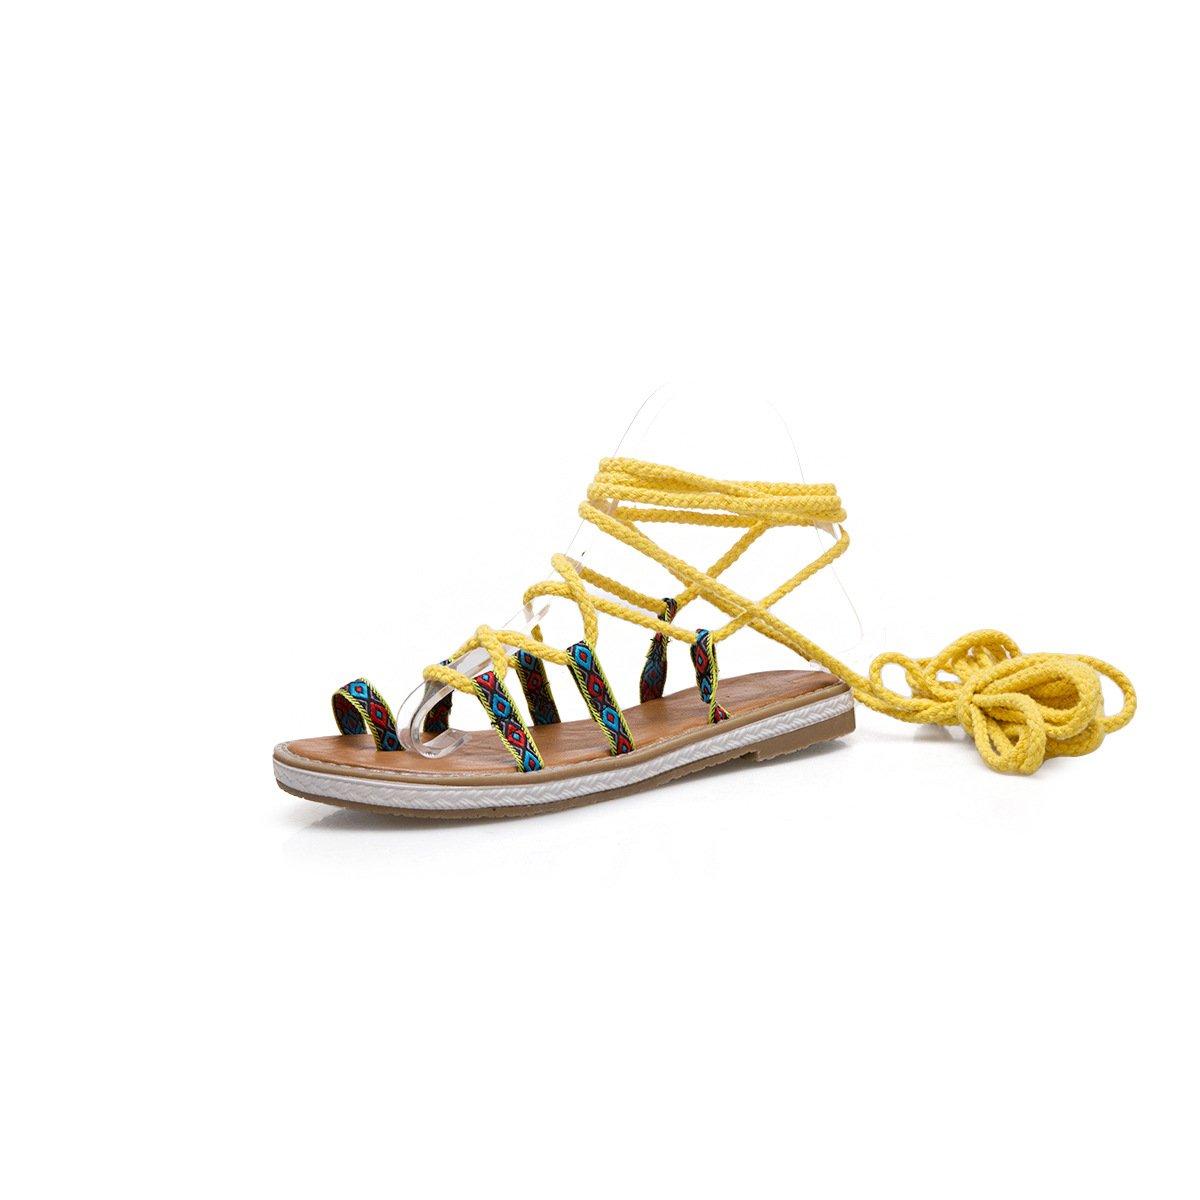 Unbekannt Damen Sandalen Gelb Toe Flachbild Kreuzbänder Wild Römische Schuhe Gelb Sandalen 41 9721f1